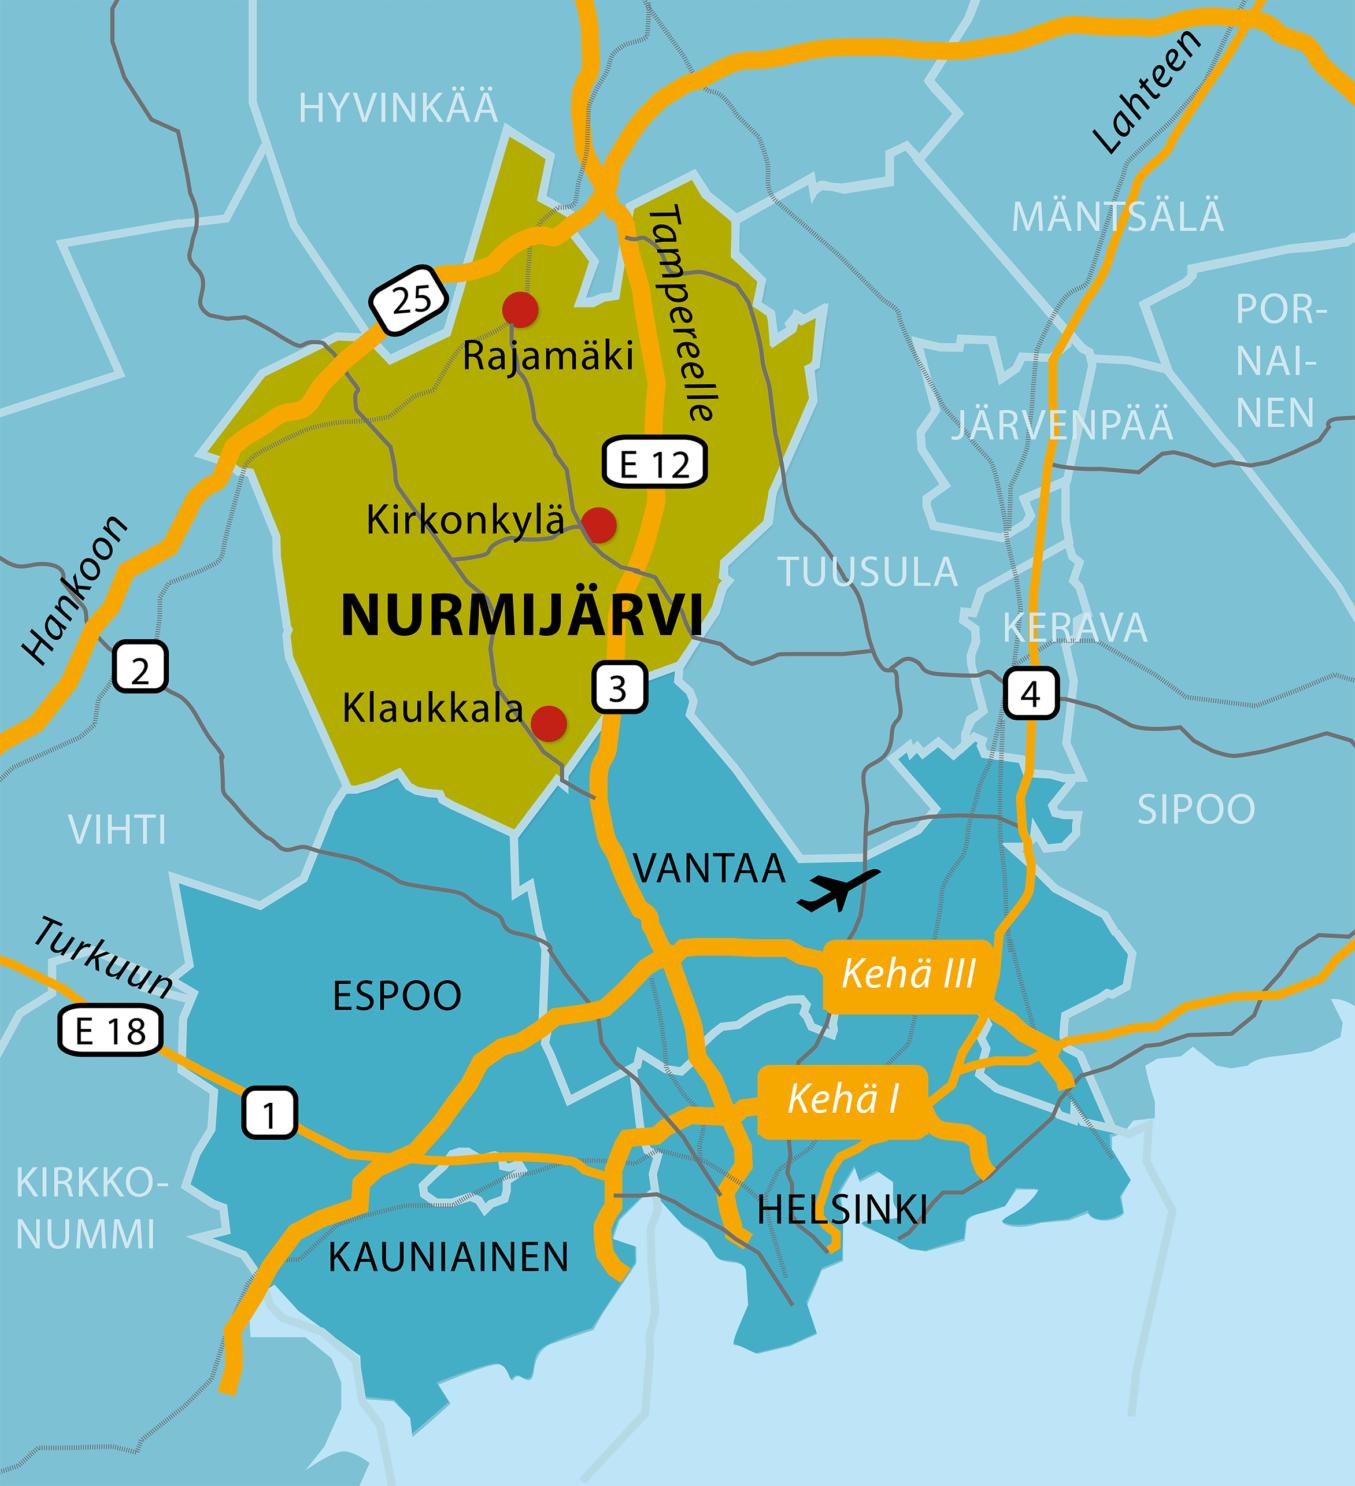 Nurmijärven sijainti kartalla.